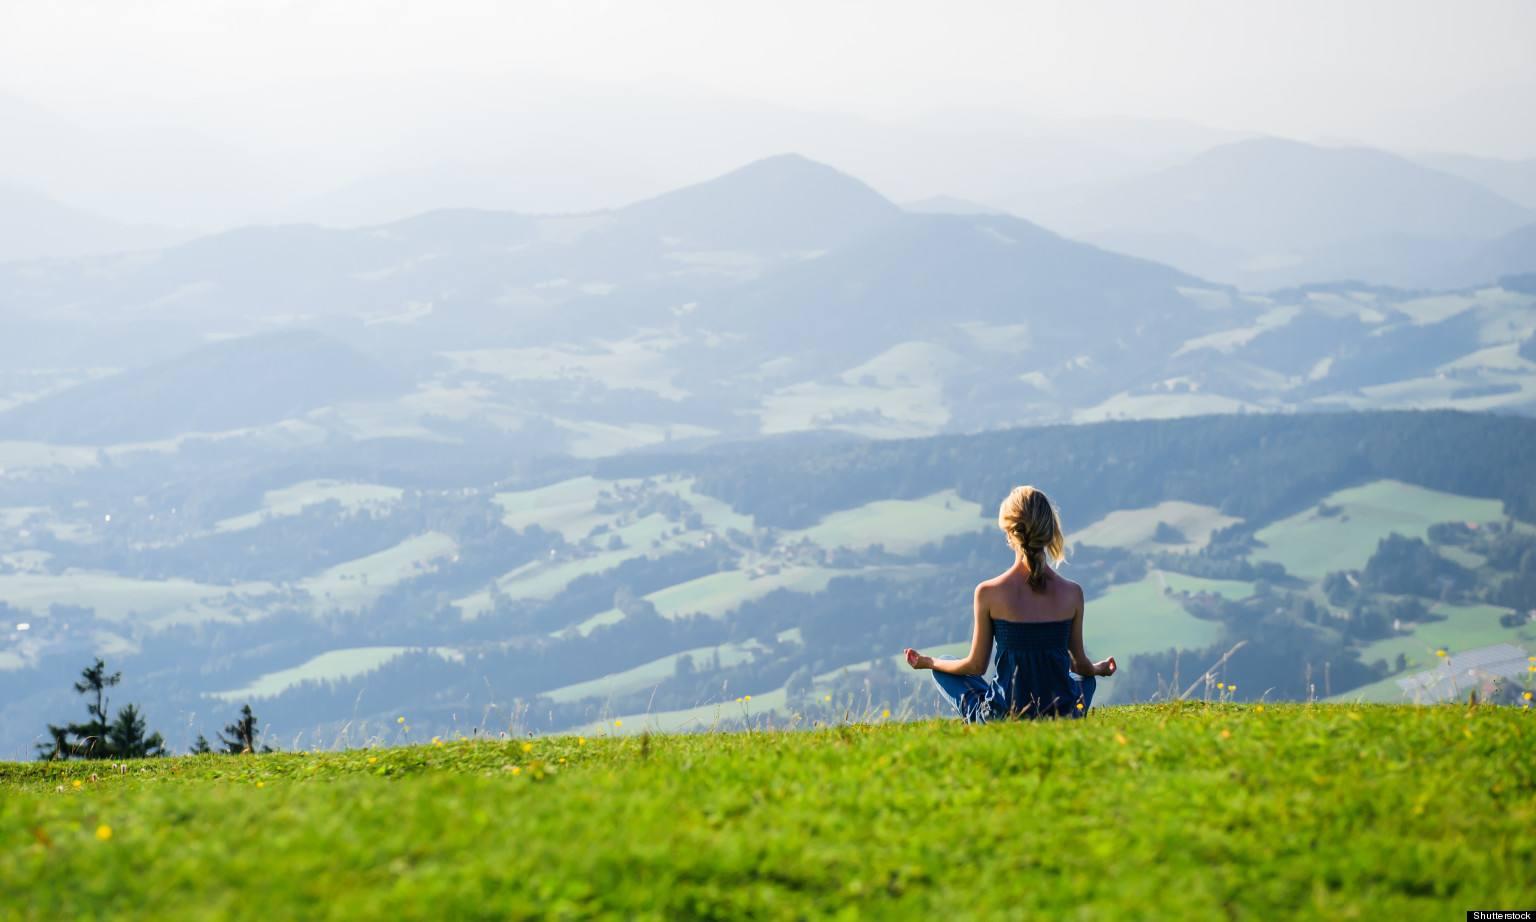 负面情绪来临时,怎么才能解决掉负面情绪?